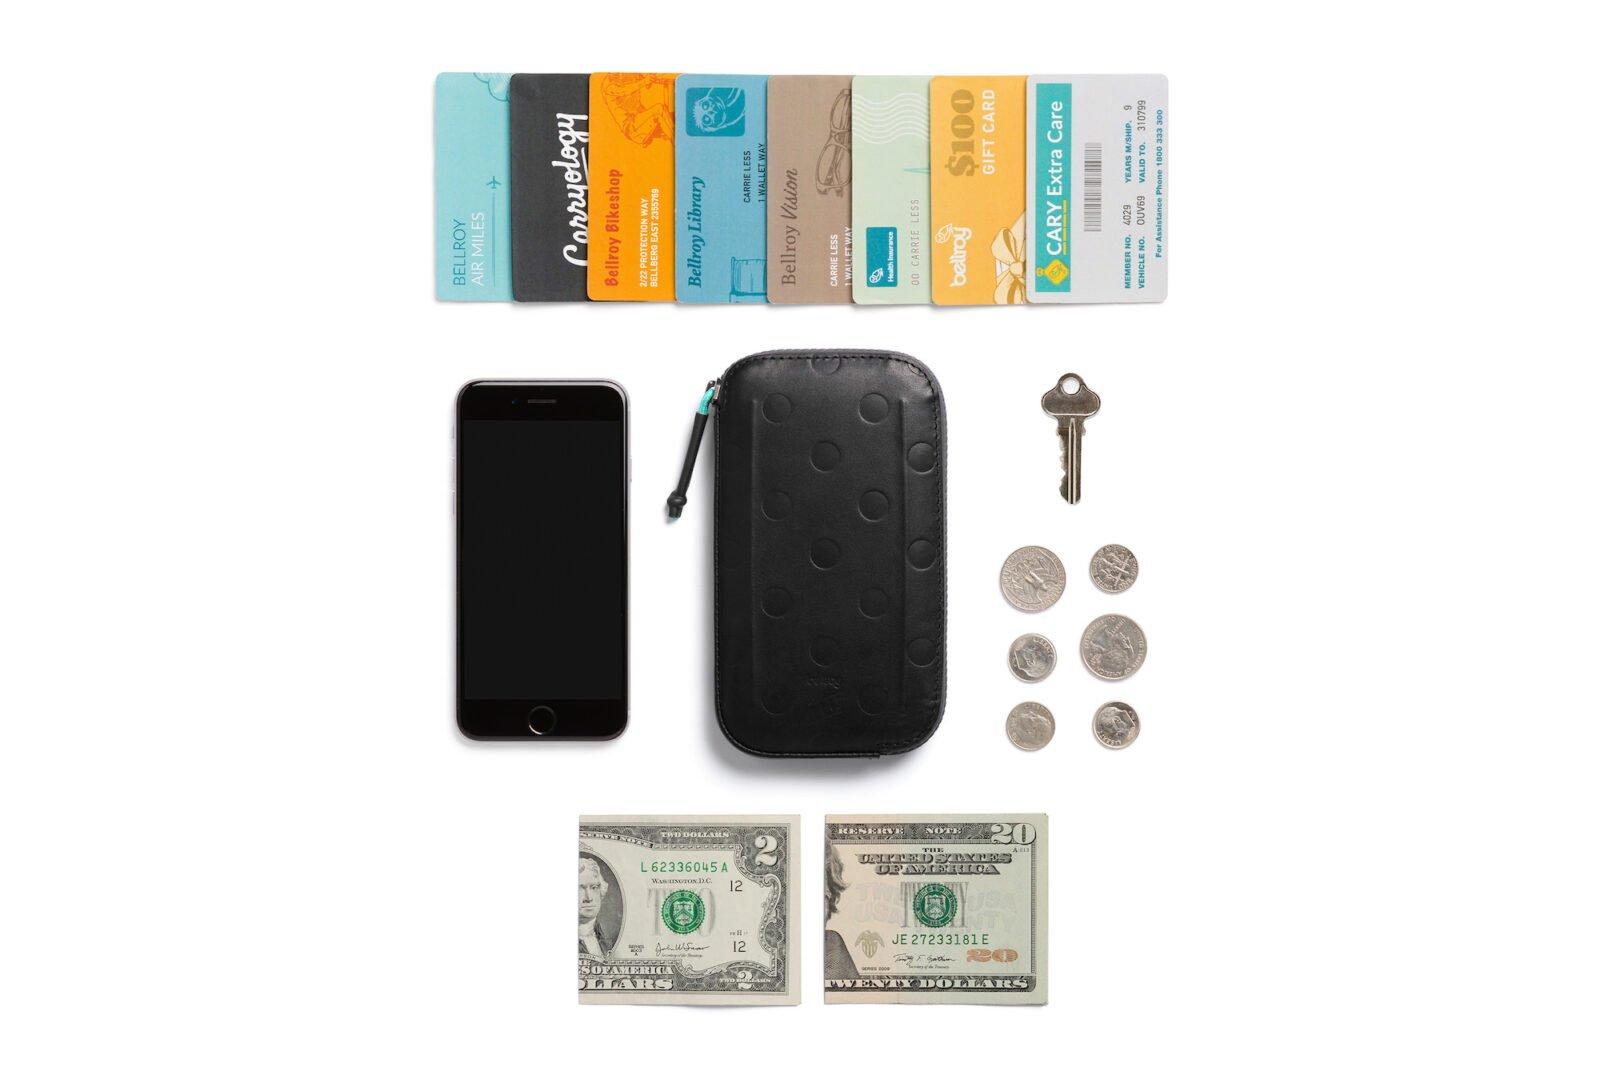 Bellroy x MAAP All Weather Wallet 1600x1067 - Bellroy x MAAP All-Weather Wallet